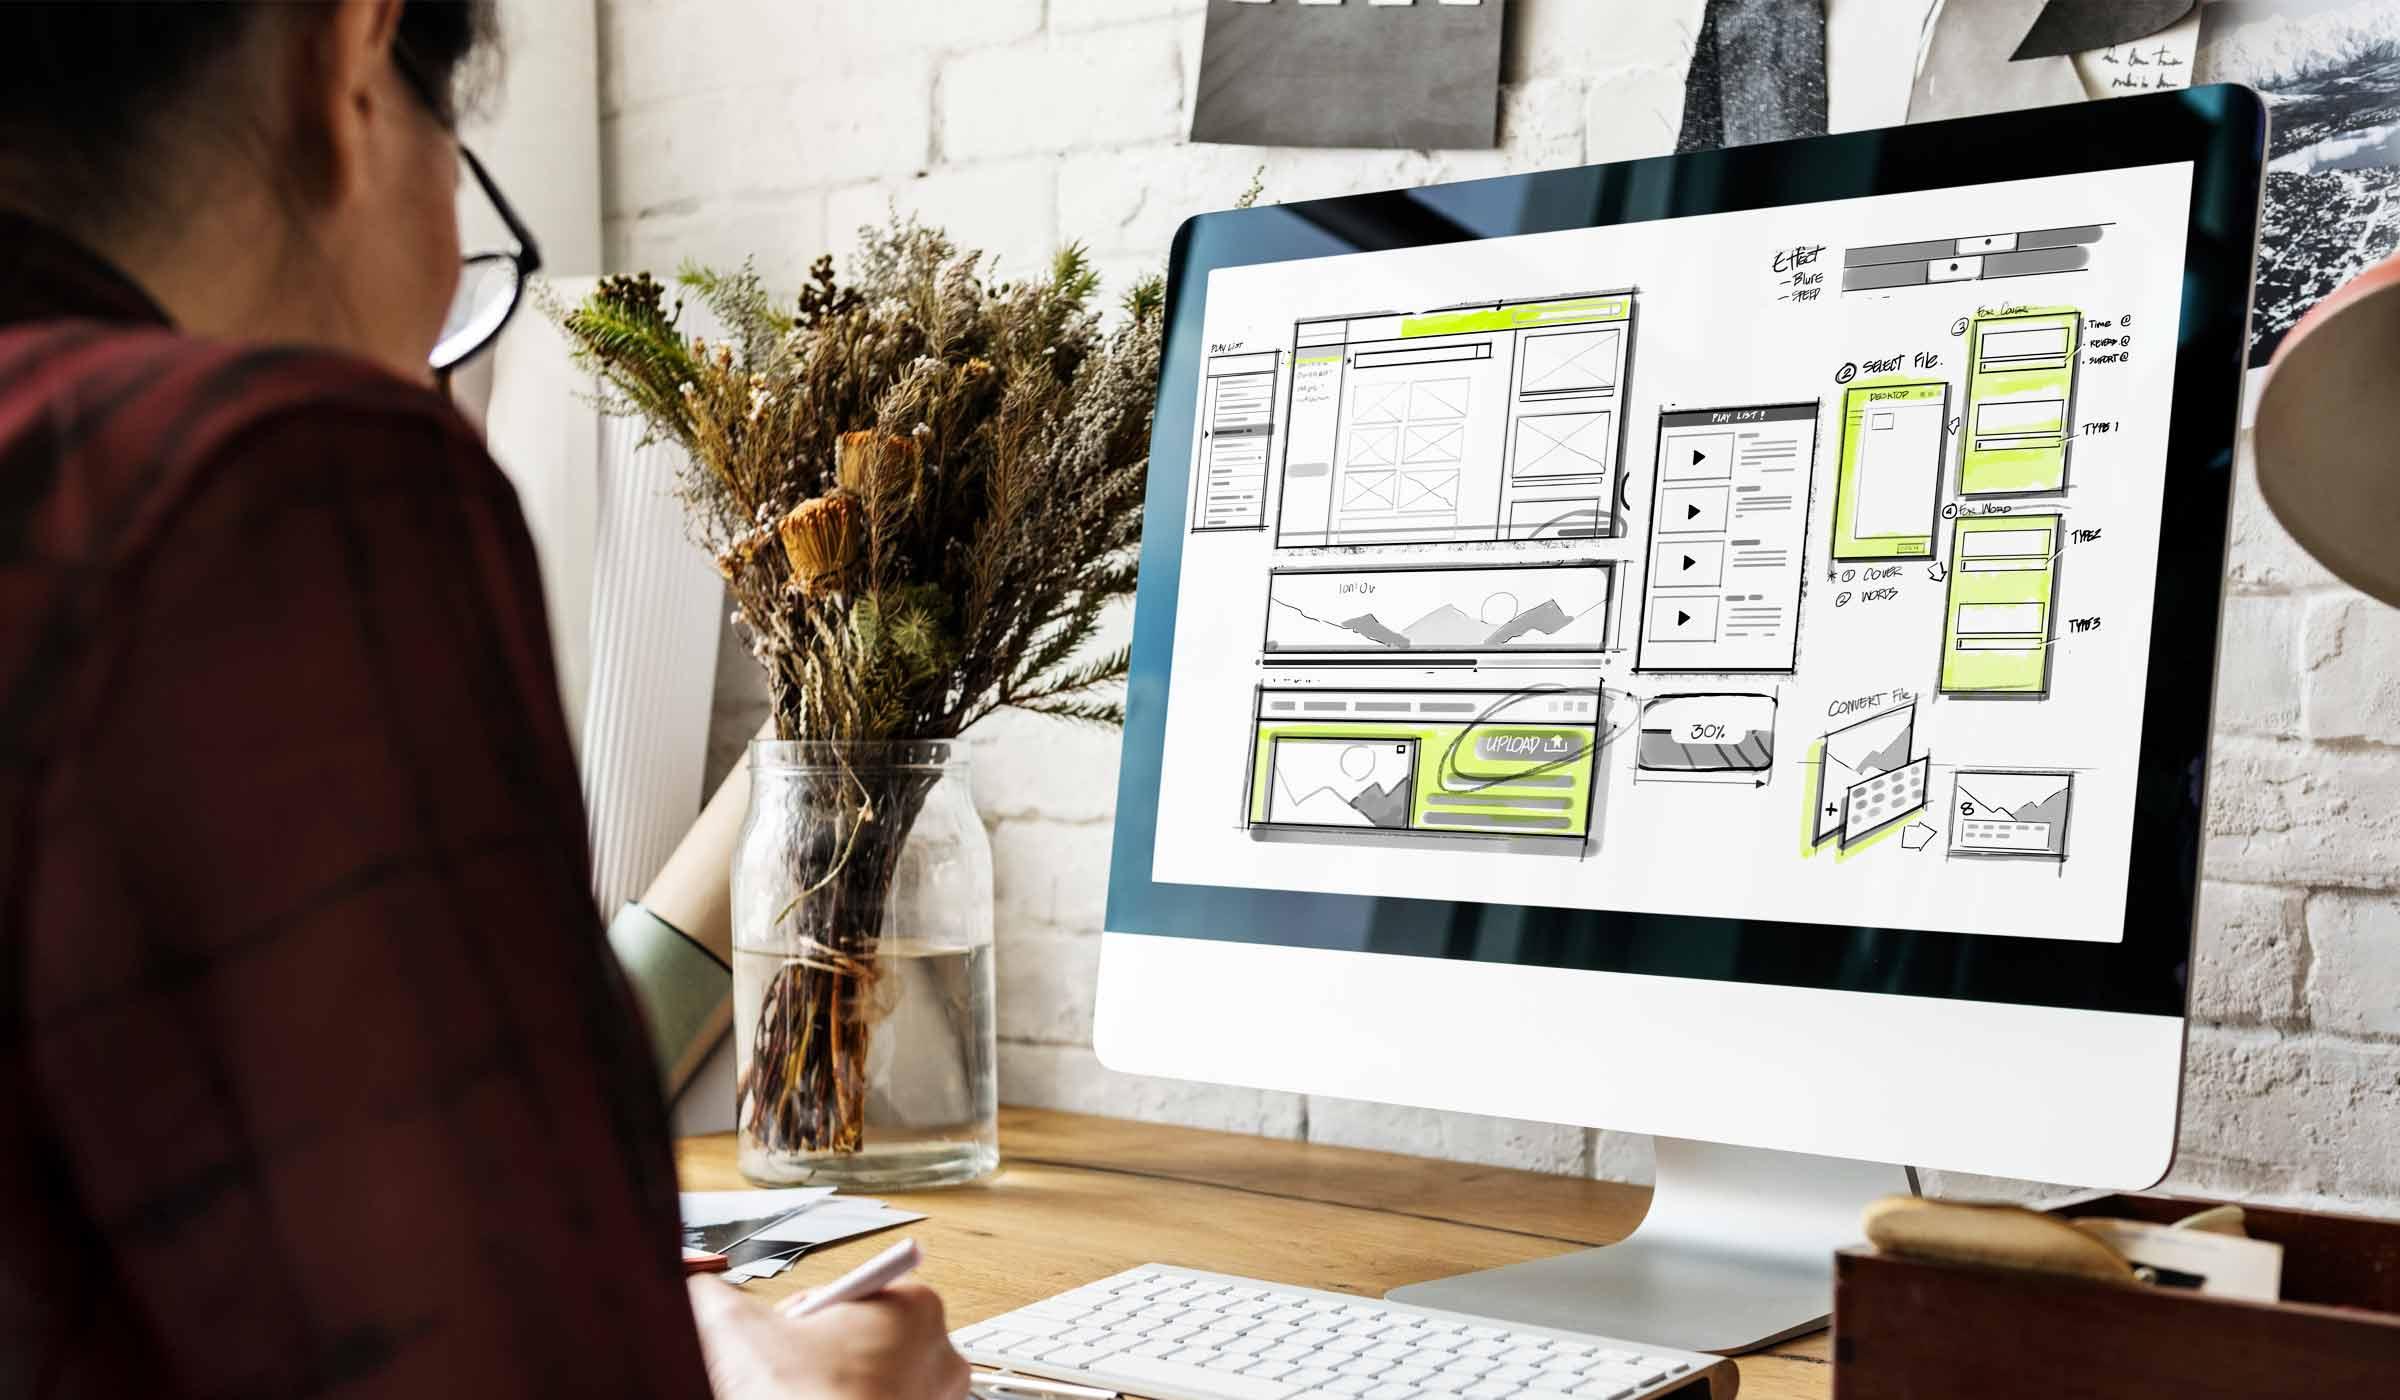 Diplomado en Diseño de Páginas Web